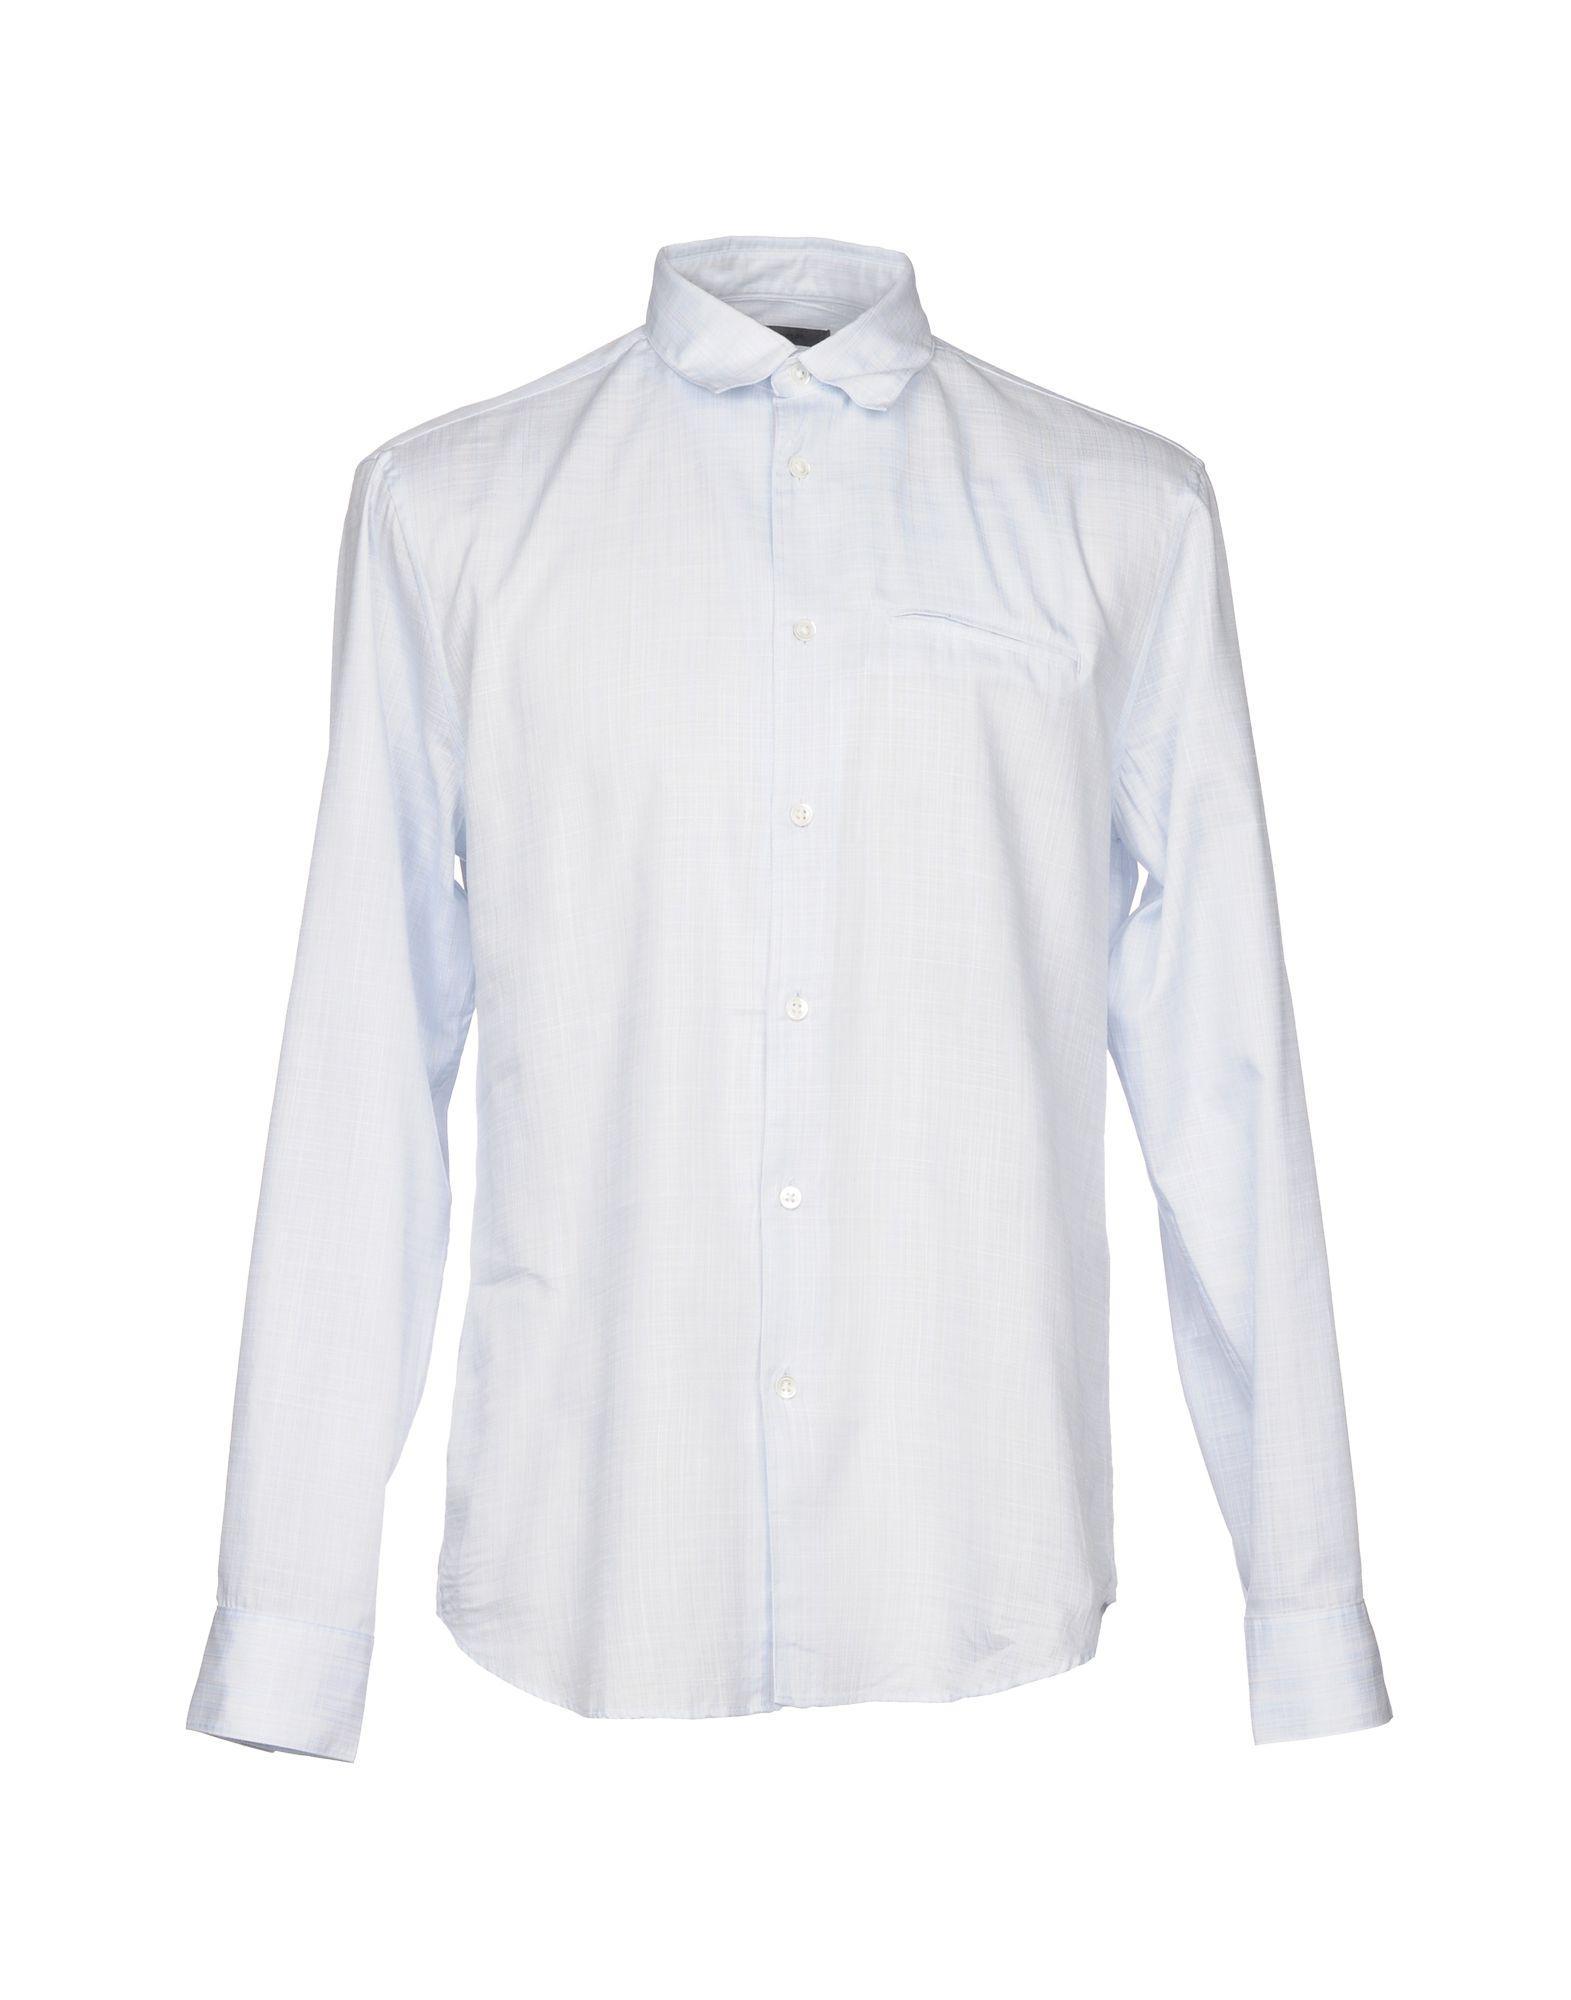 John Varvatos Patterned Shirt In Sky Blue